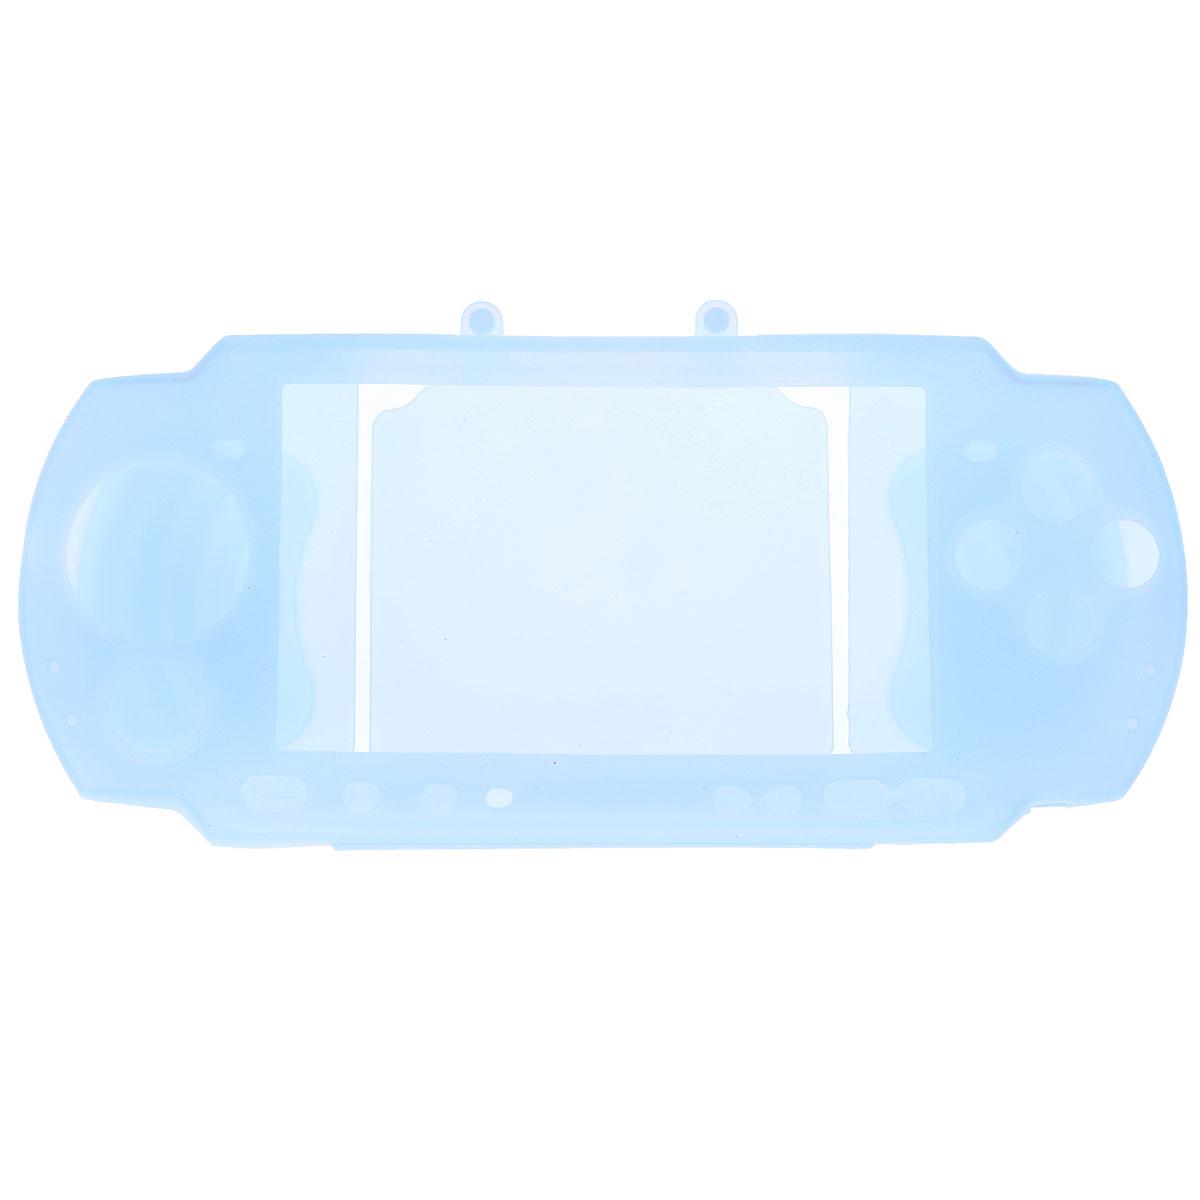 Силиконовый чехол Game Guru Silicon Case для PSP 3000 (голубой)